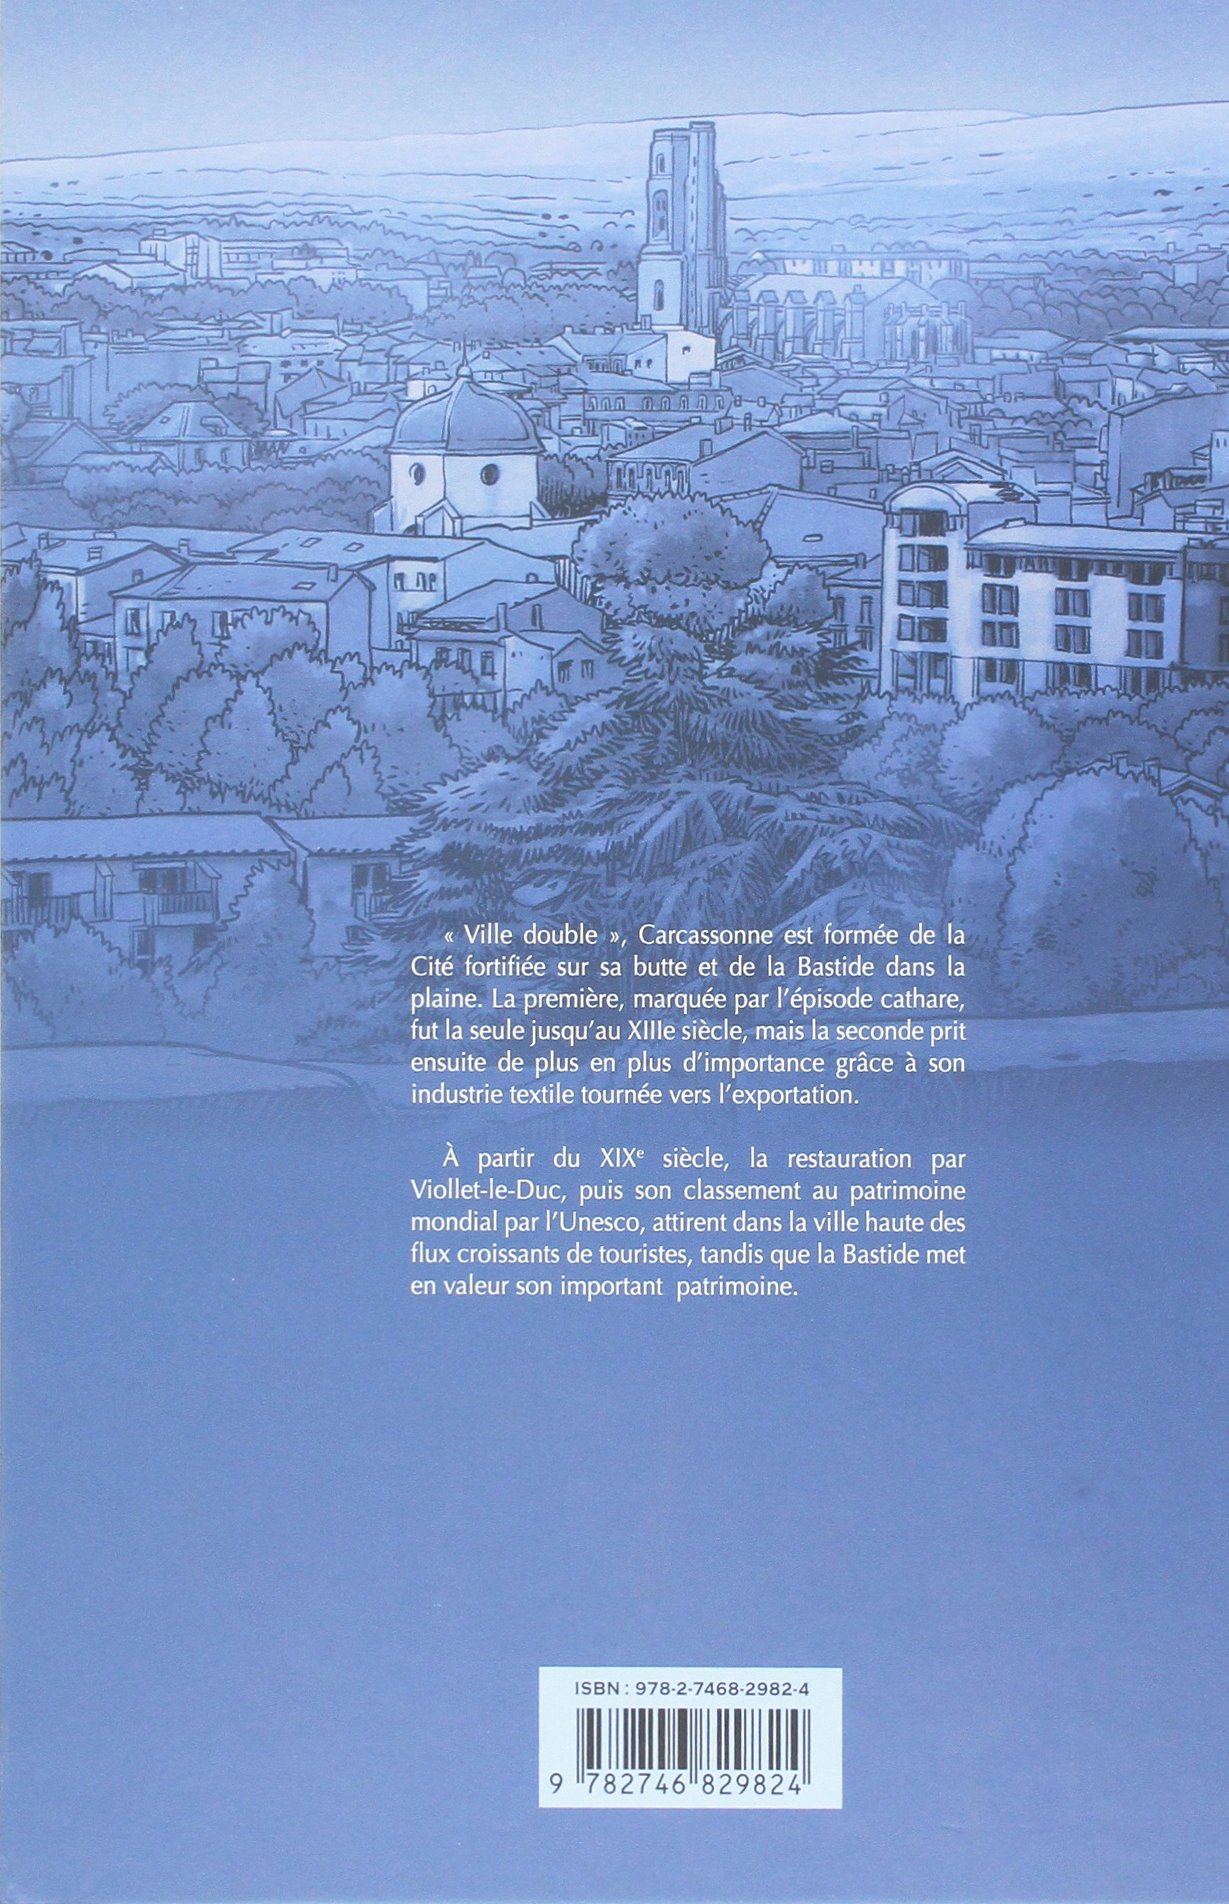 Lhistoire de Carcassone (BD LES VILLES): Amazon.es: Cuzin, Jean-Marie, Marquié, Claude, Castaza, Philippe: Libros en idiomas extranjeros